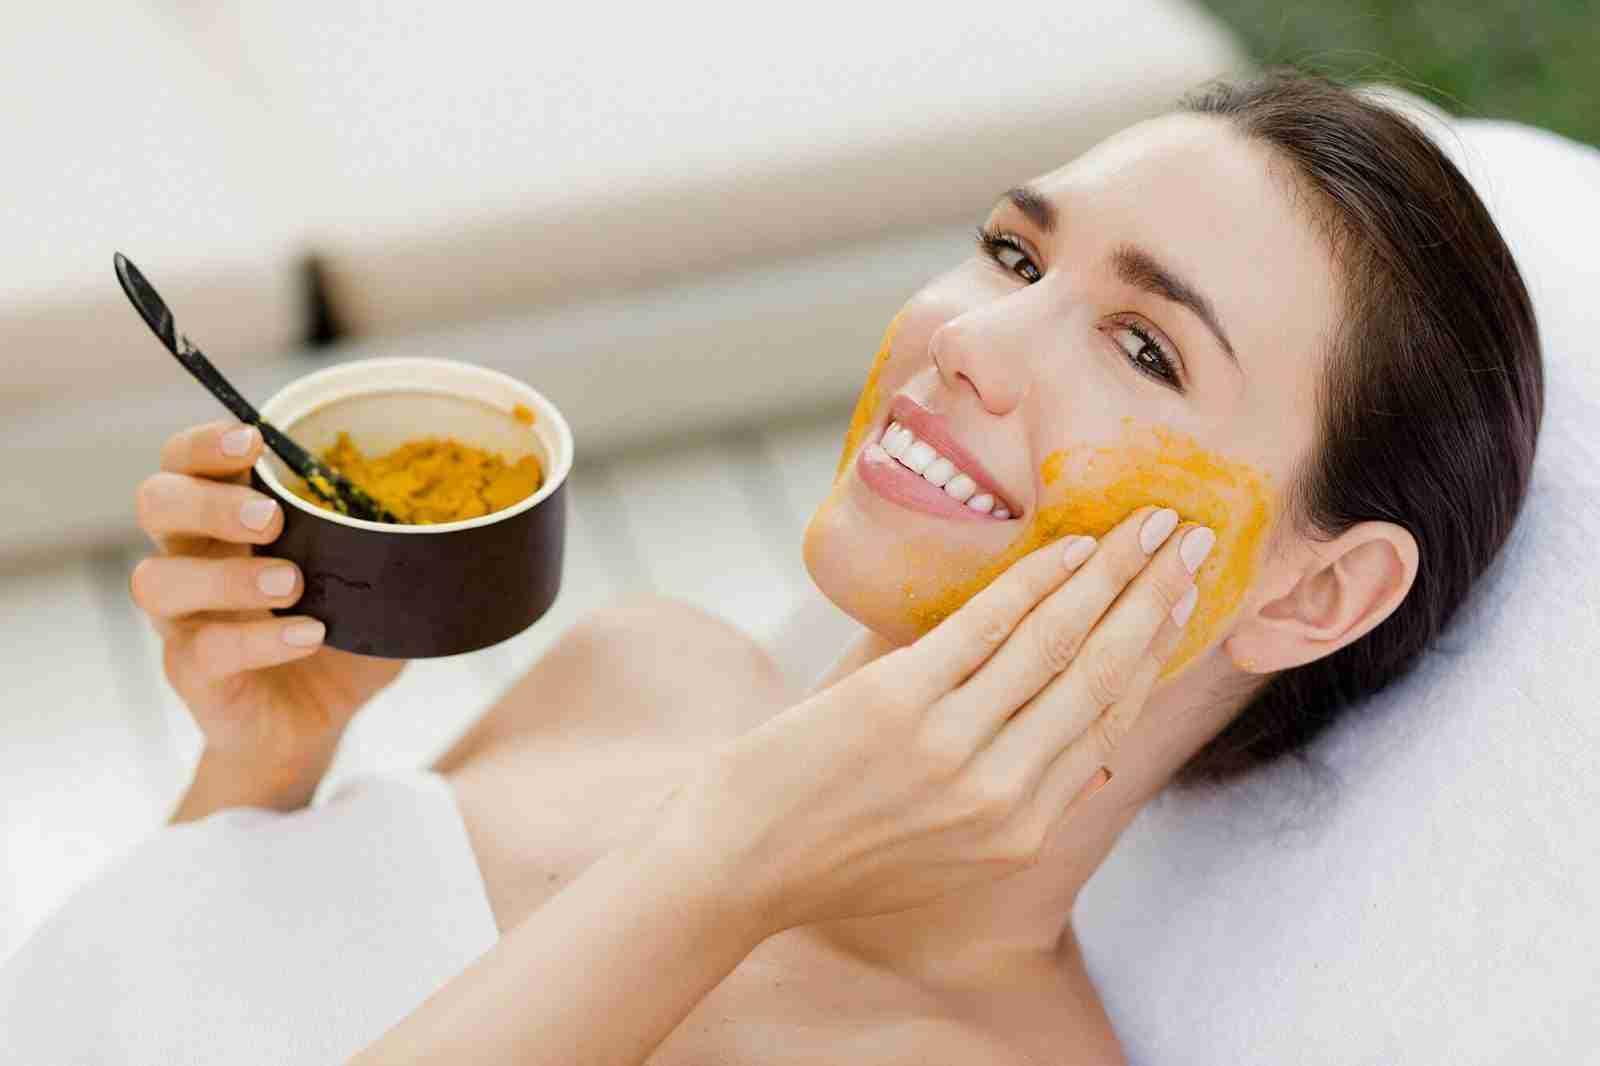 وصفات طبيعية لتبيض الوجه من اول مرة